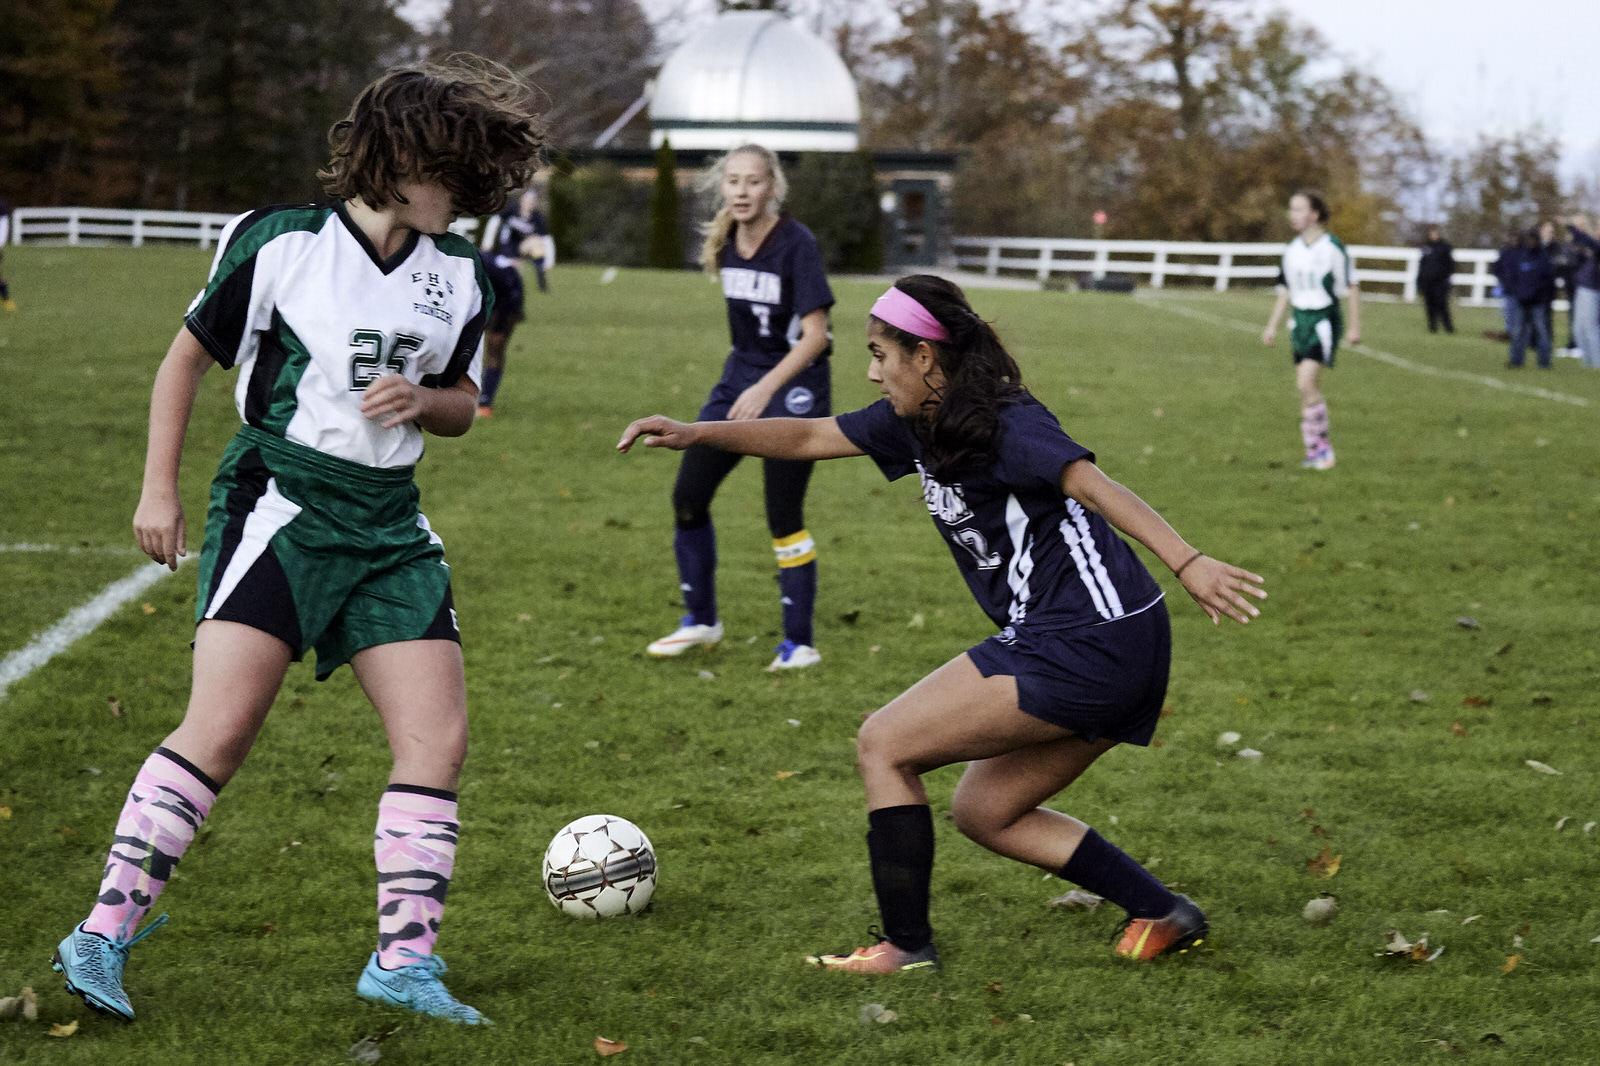 Girls Varsity Soccer vs. Eagle Hill School - October 30, 2018 139525.jpg